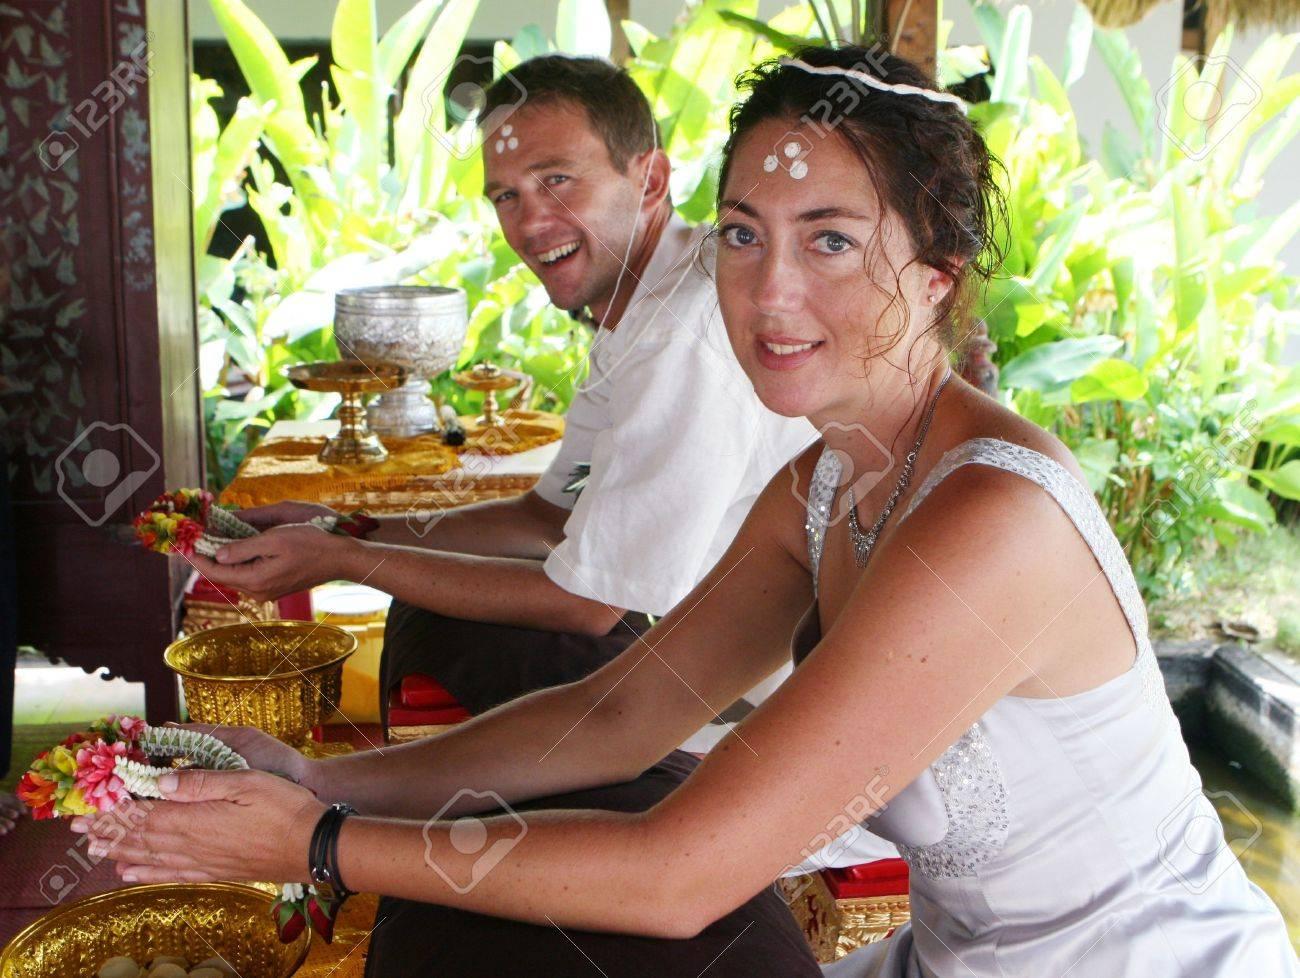 Foto de archivo , Occidental joven matrimonio durante una boda tradicional budista en Tailandia.